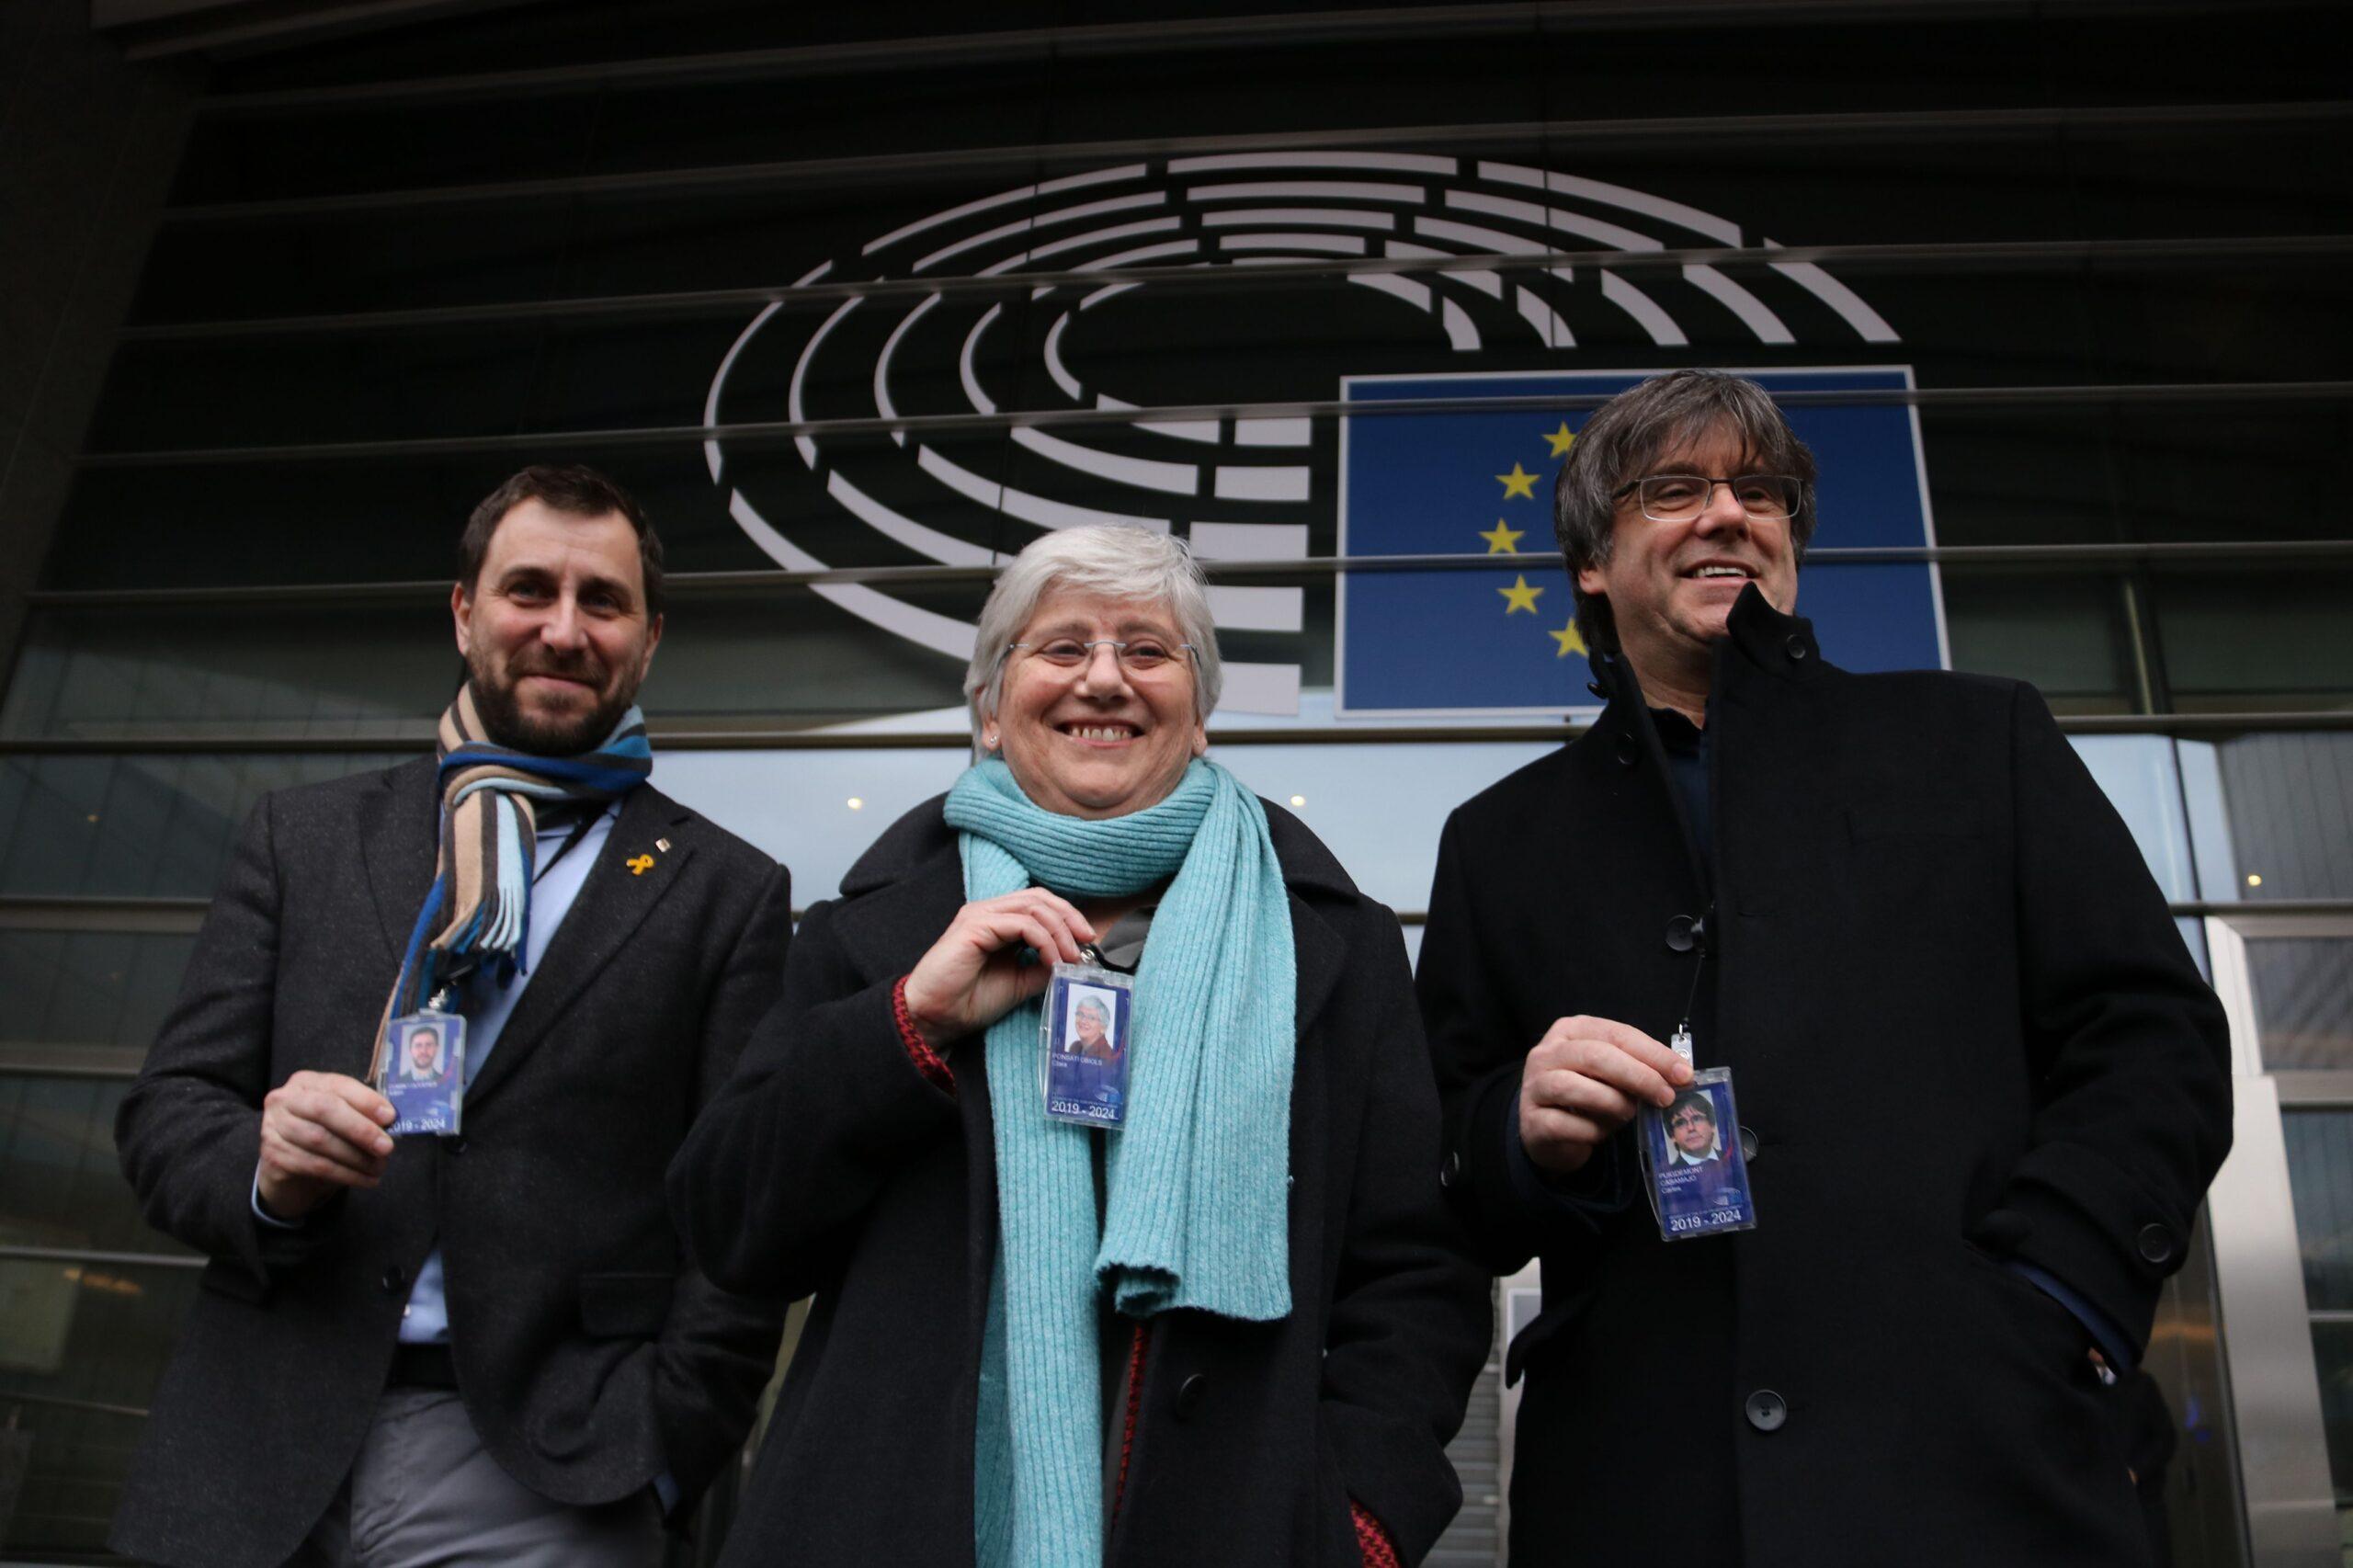 L'eurodiputada de JxCat, Clara Ponsatí, a la seva arribada a l'Eurocambra amb els també eurodiputats Carles Puigdemont i Toni ComínEl manifest de l'esquerra independentista dóna suport al Consell per la República (ACN)